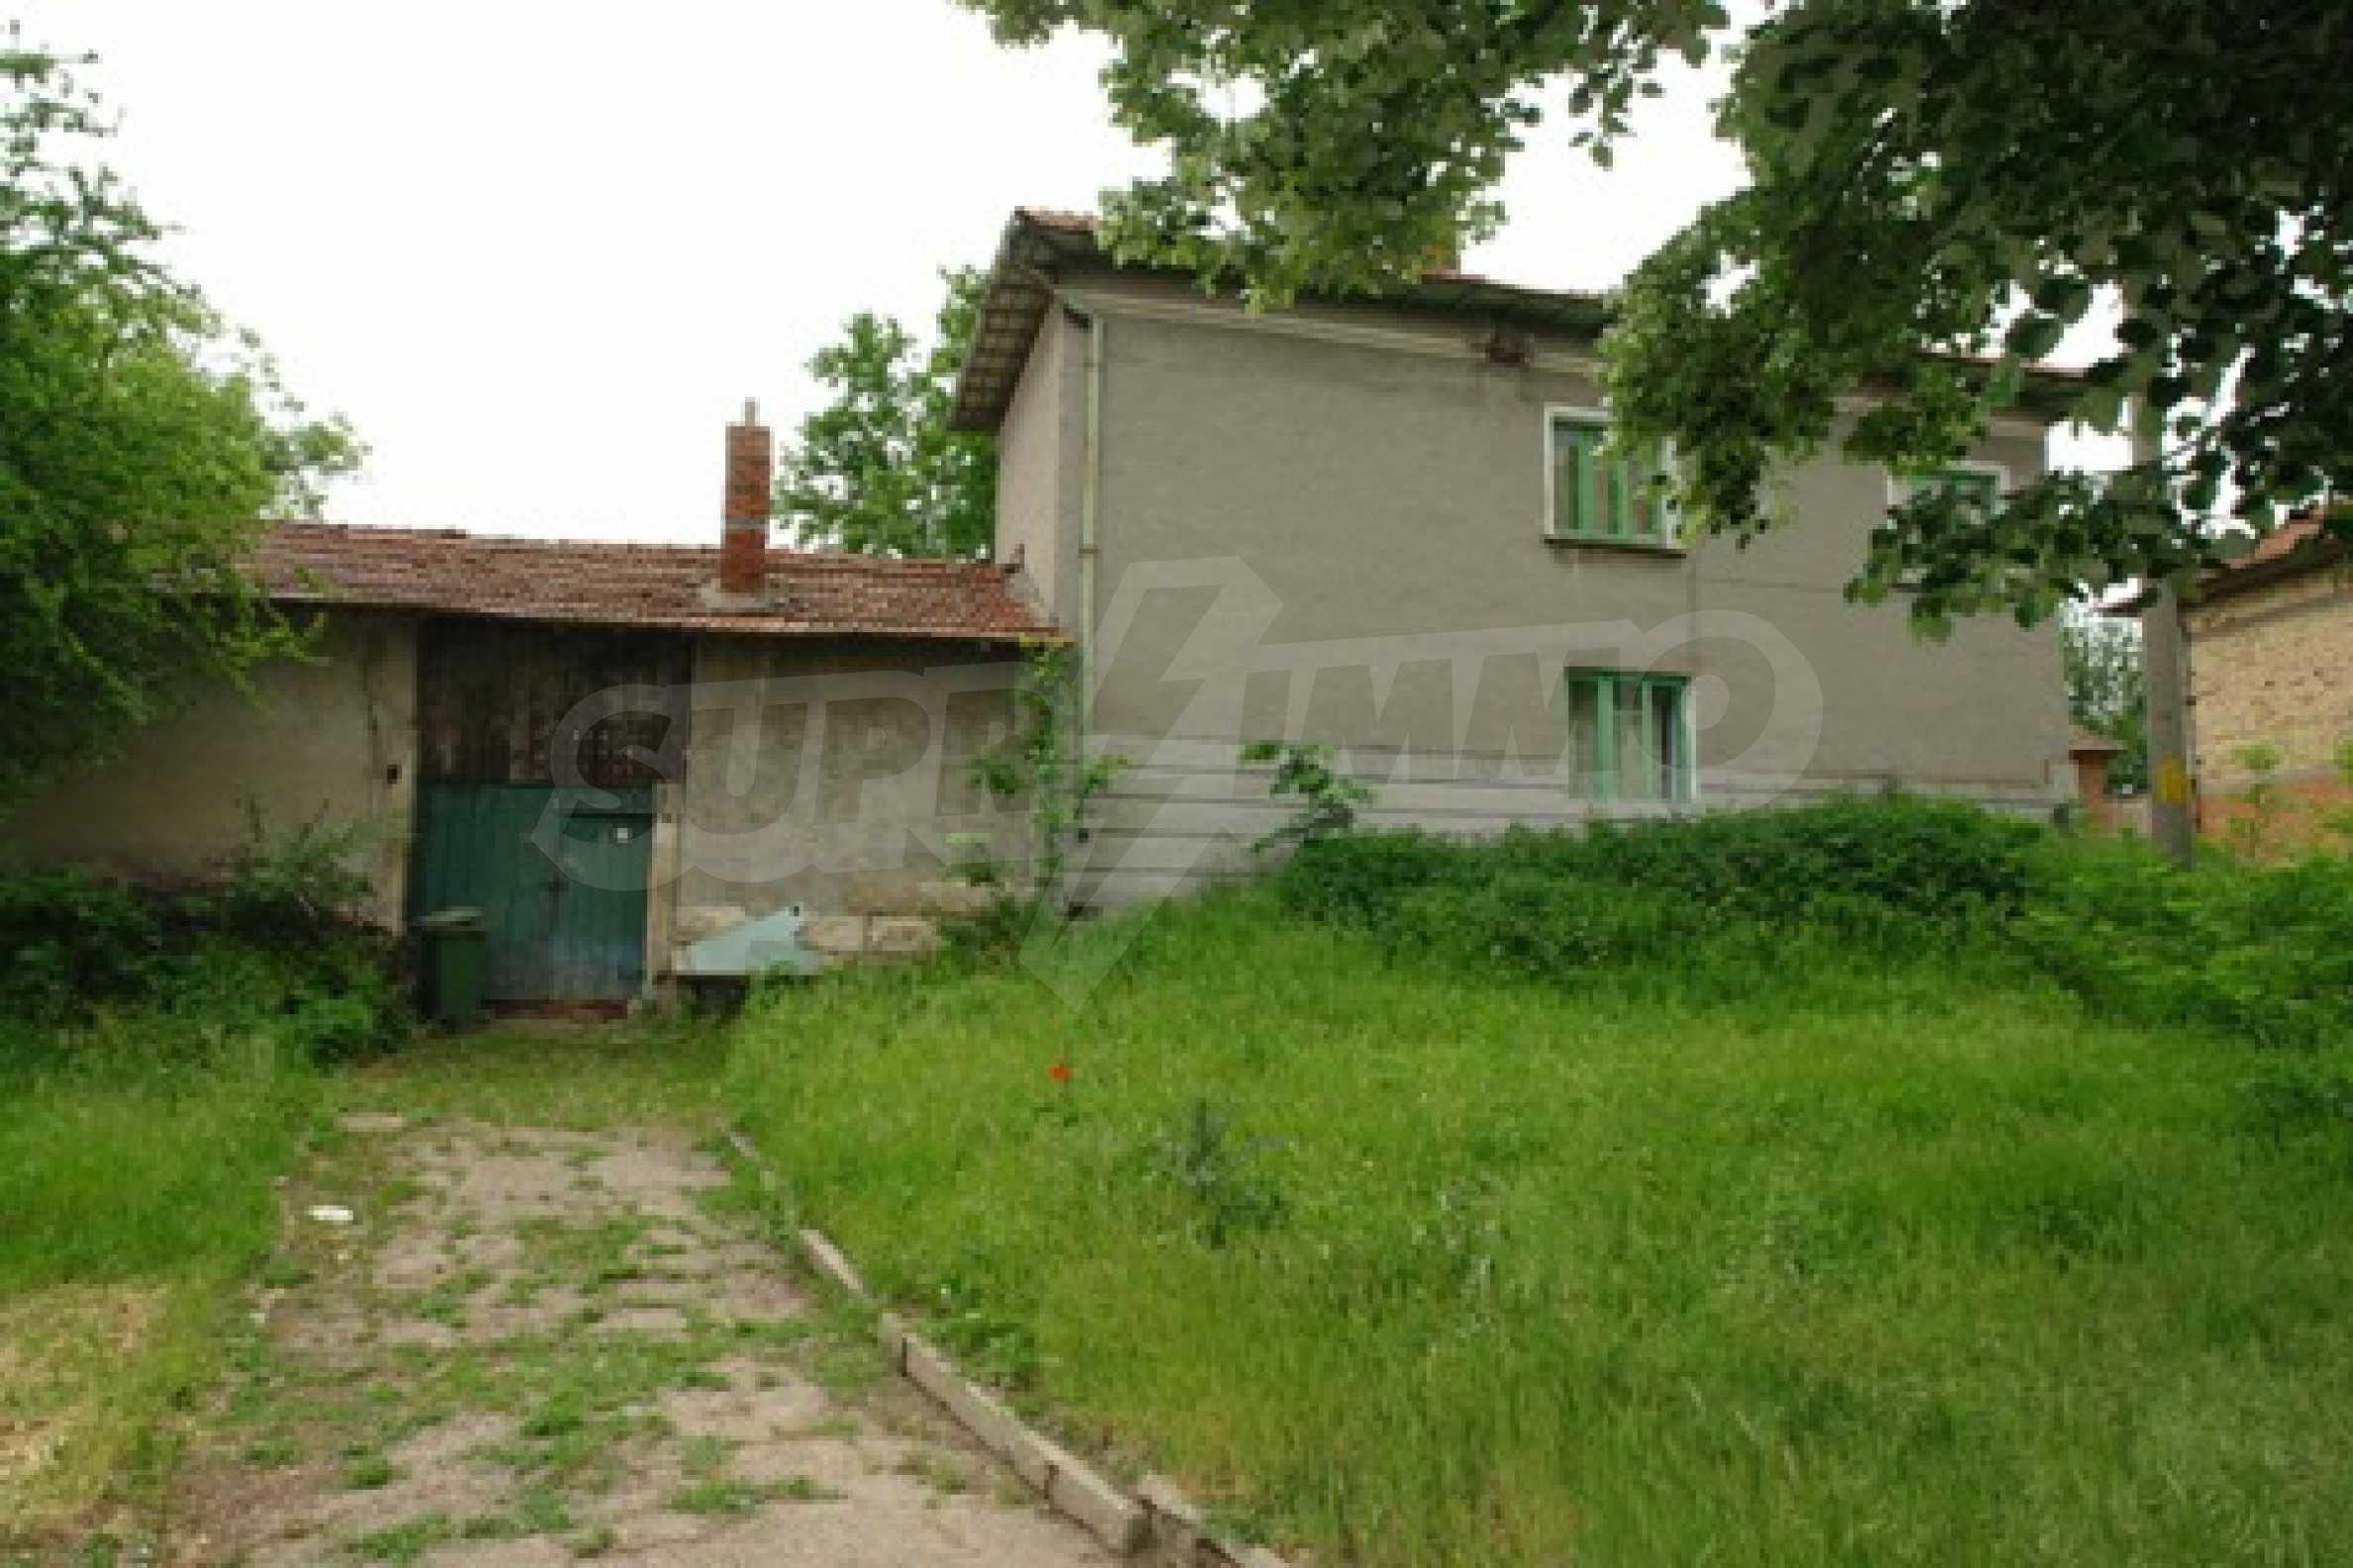 Geräumiges zweistöckiges Haus mit 4 Schlafzimmern im Dorf Trustenik, Rousse 3